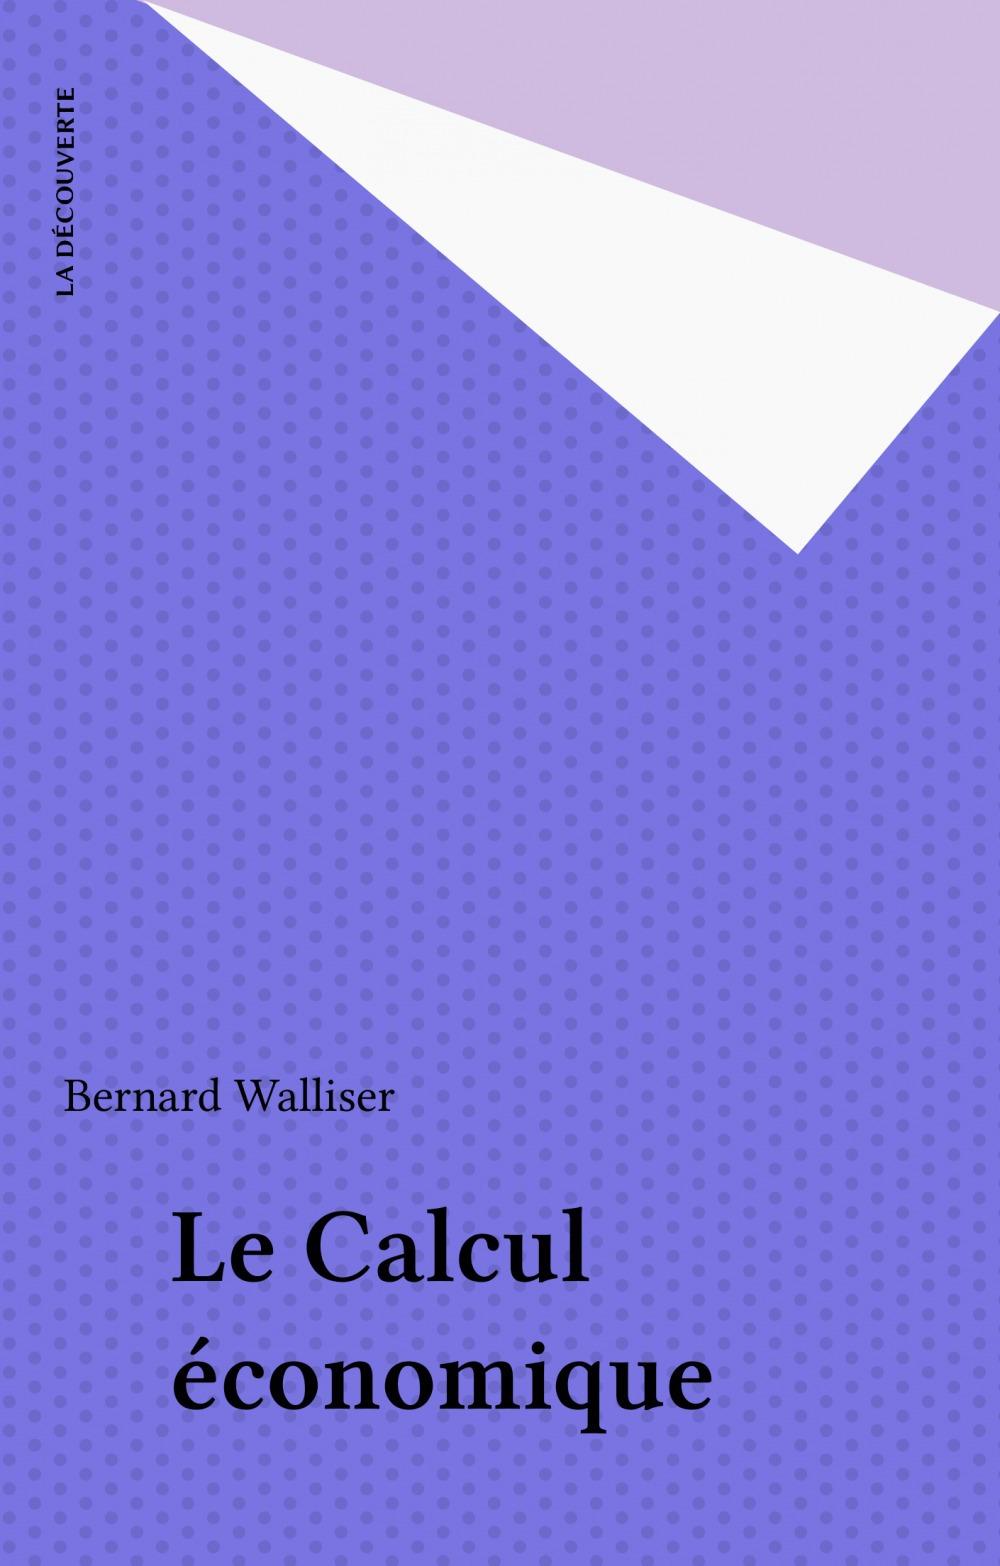 Bernard Walliser Le Calcul économique